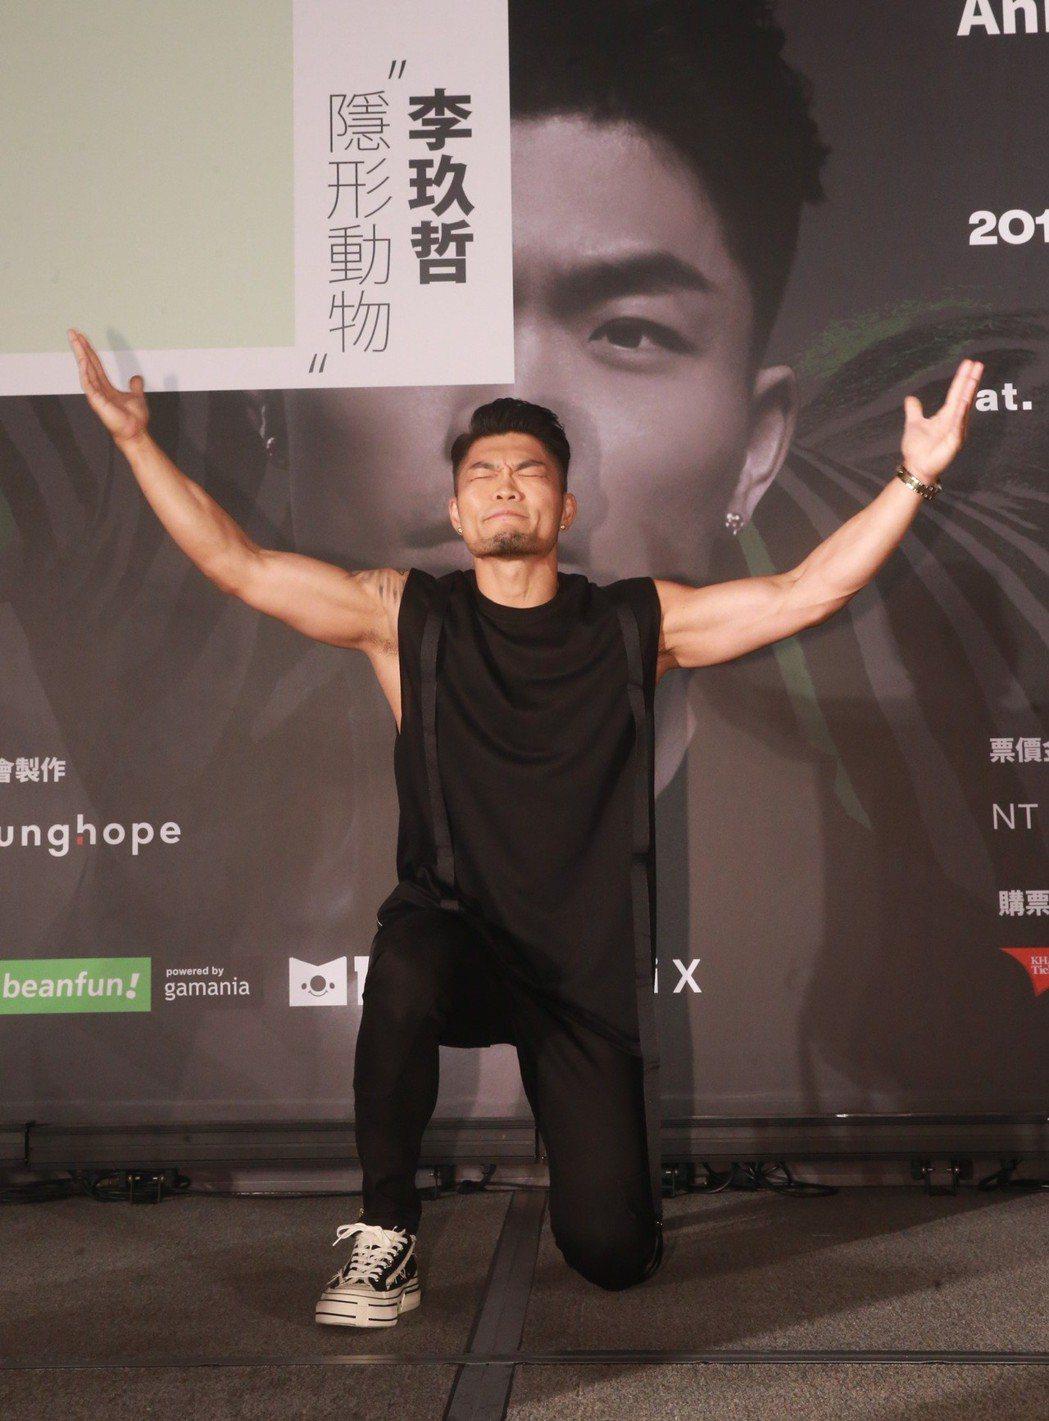 金曲歌王李玖哲下午舉行「隱形動物」演唱會記者會,也是首次攻蛋的演唱會。記者黃義書...